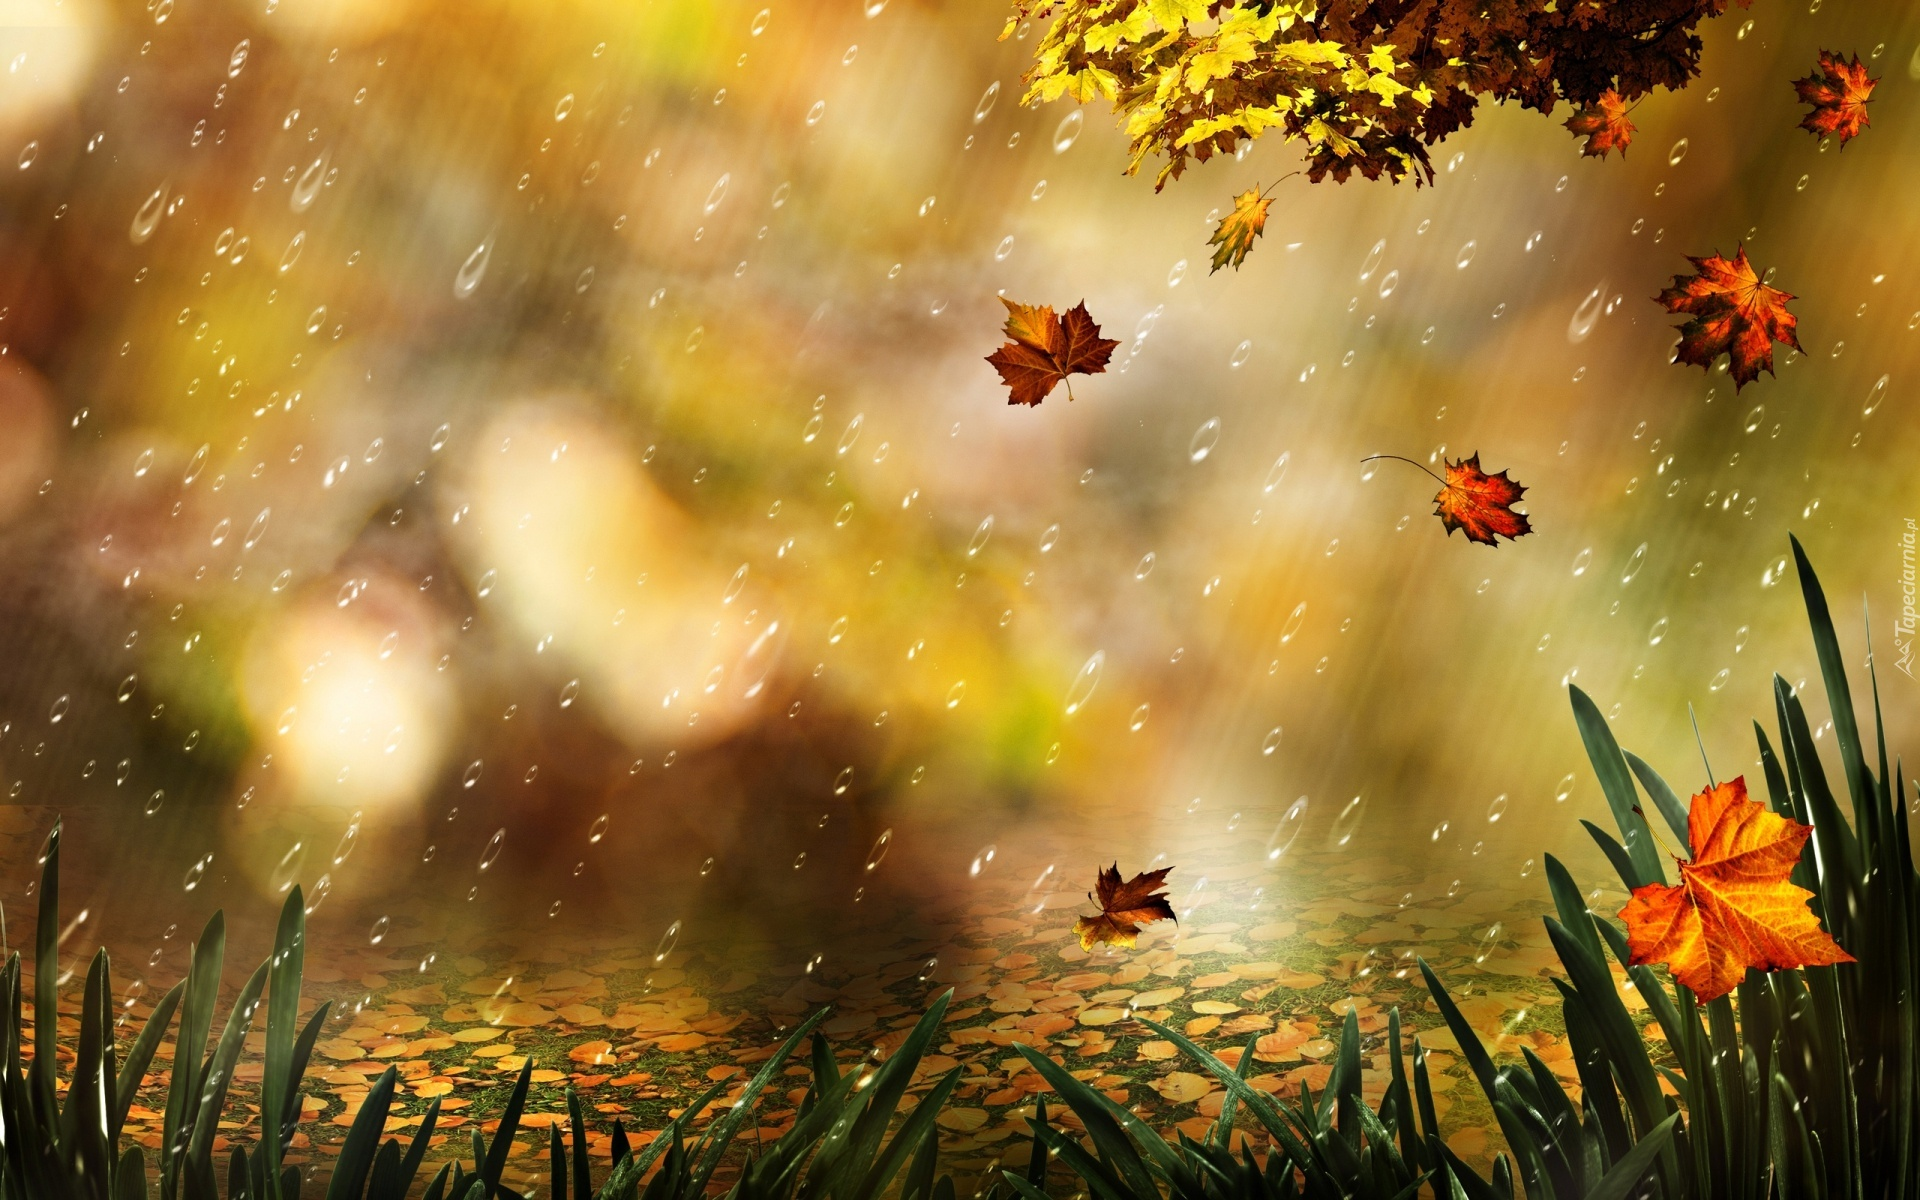 Znalezione obrazy dla zapytania liście deszcz tapety